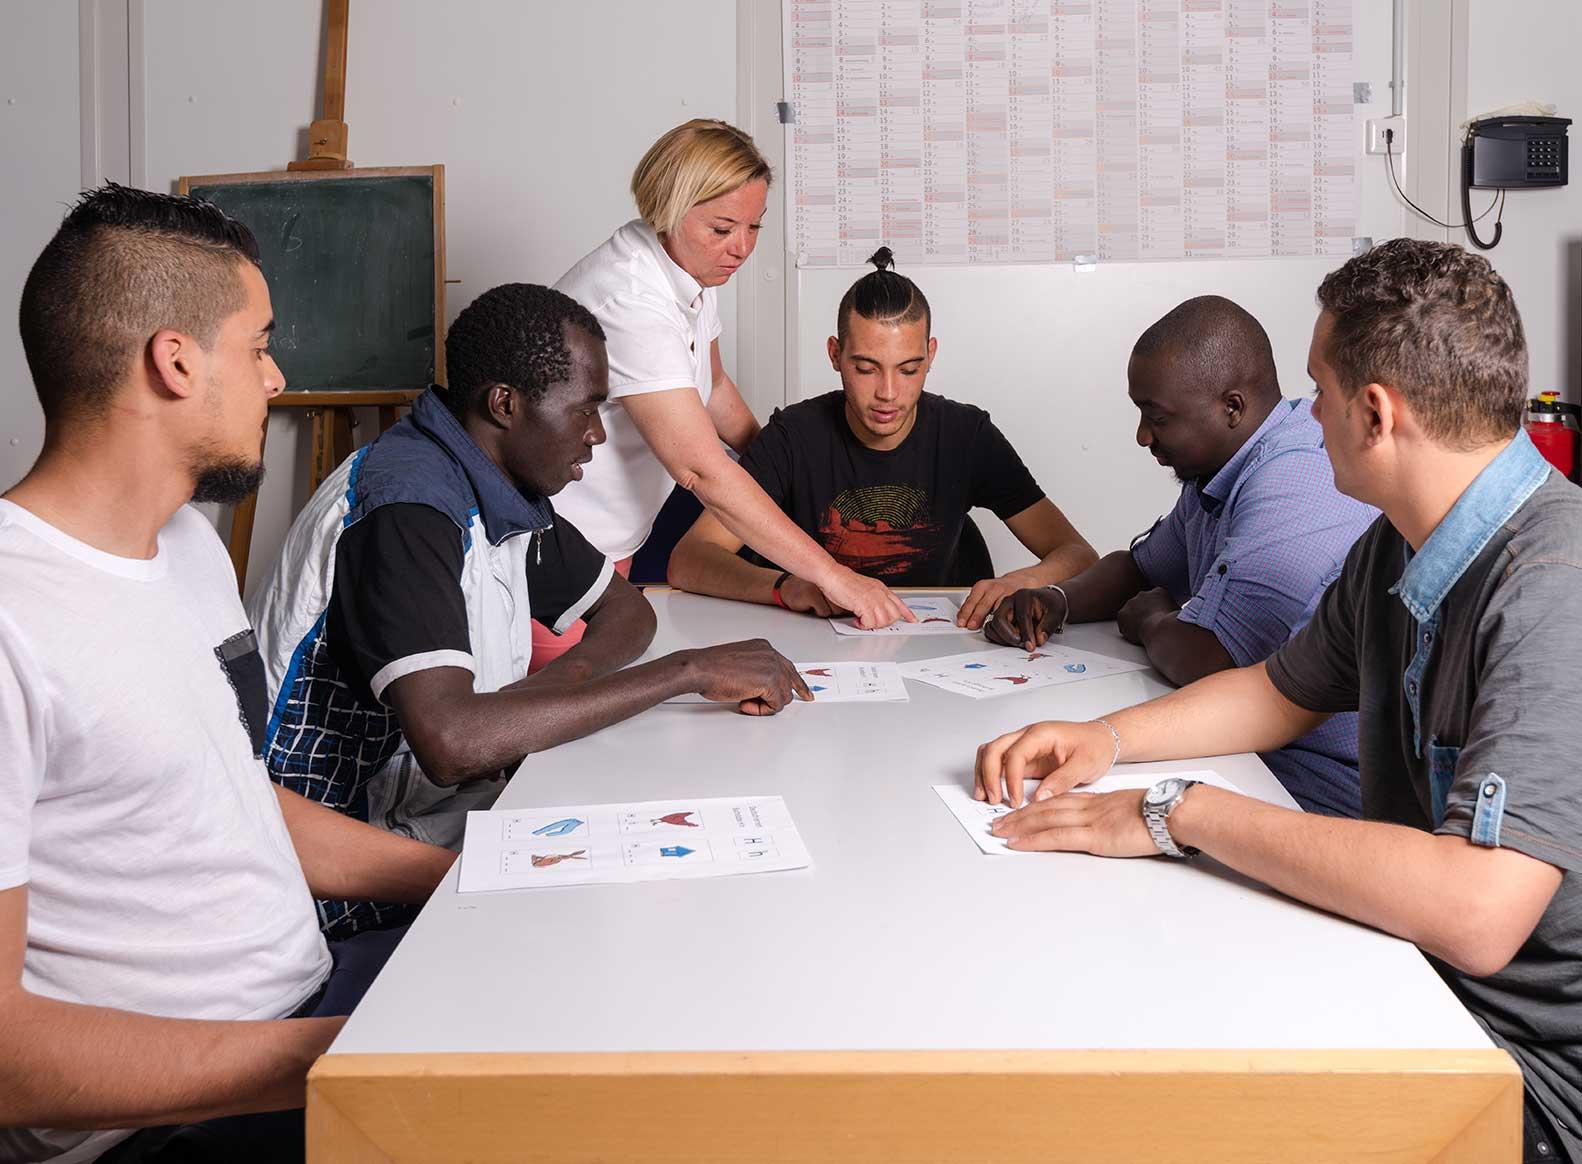 Martin Sommer Integration Zuwanderung Lernen Deutsch